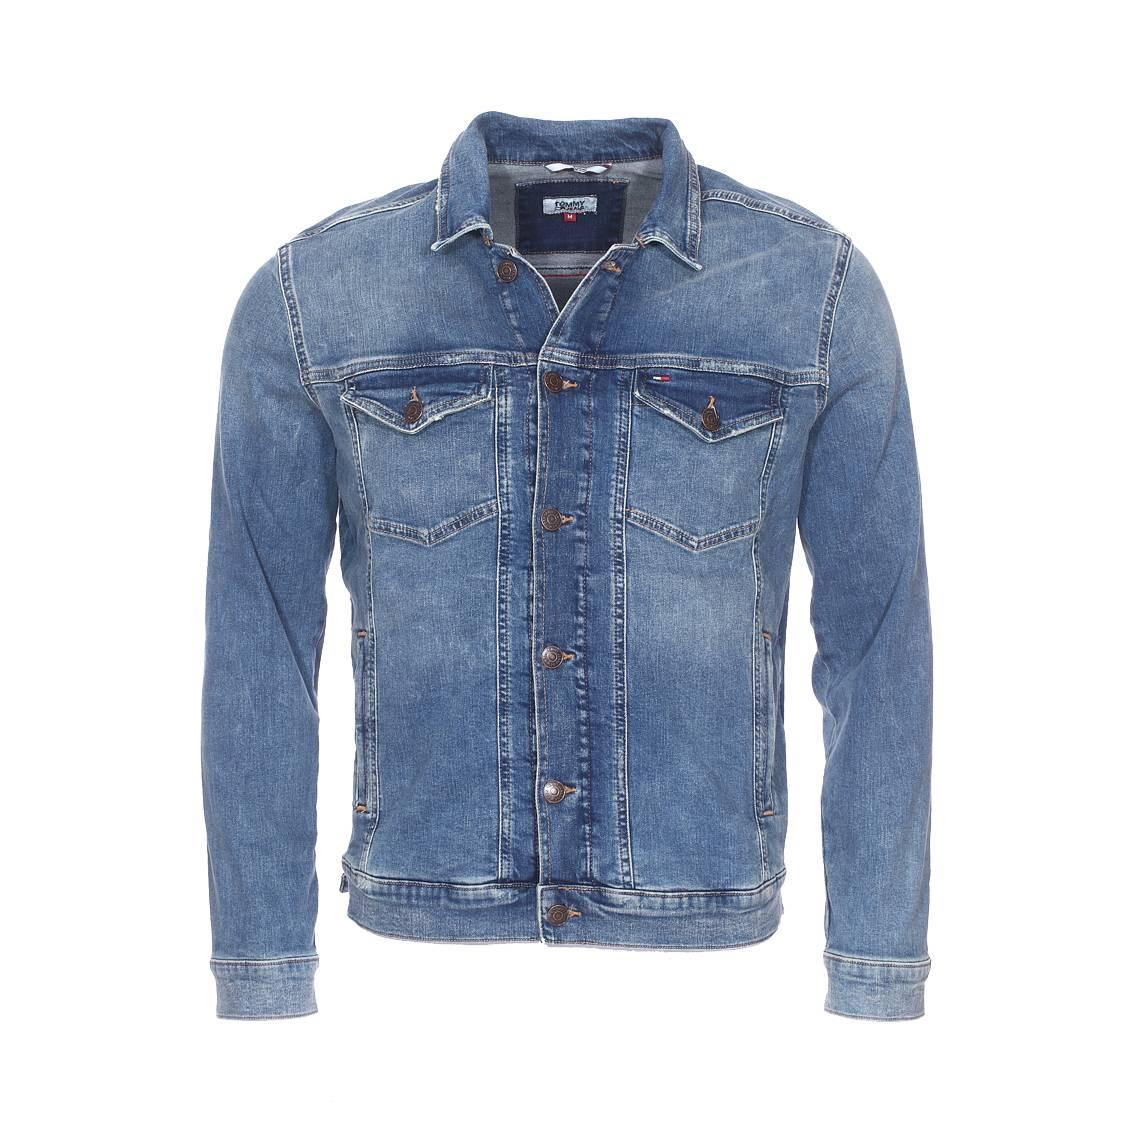 Veste en jean  clmmb en coton stretch bleu délavé